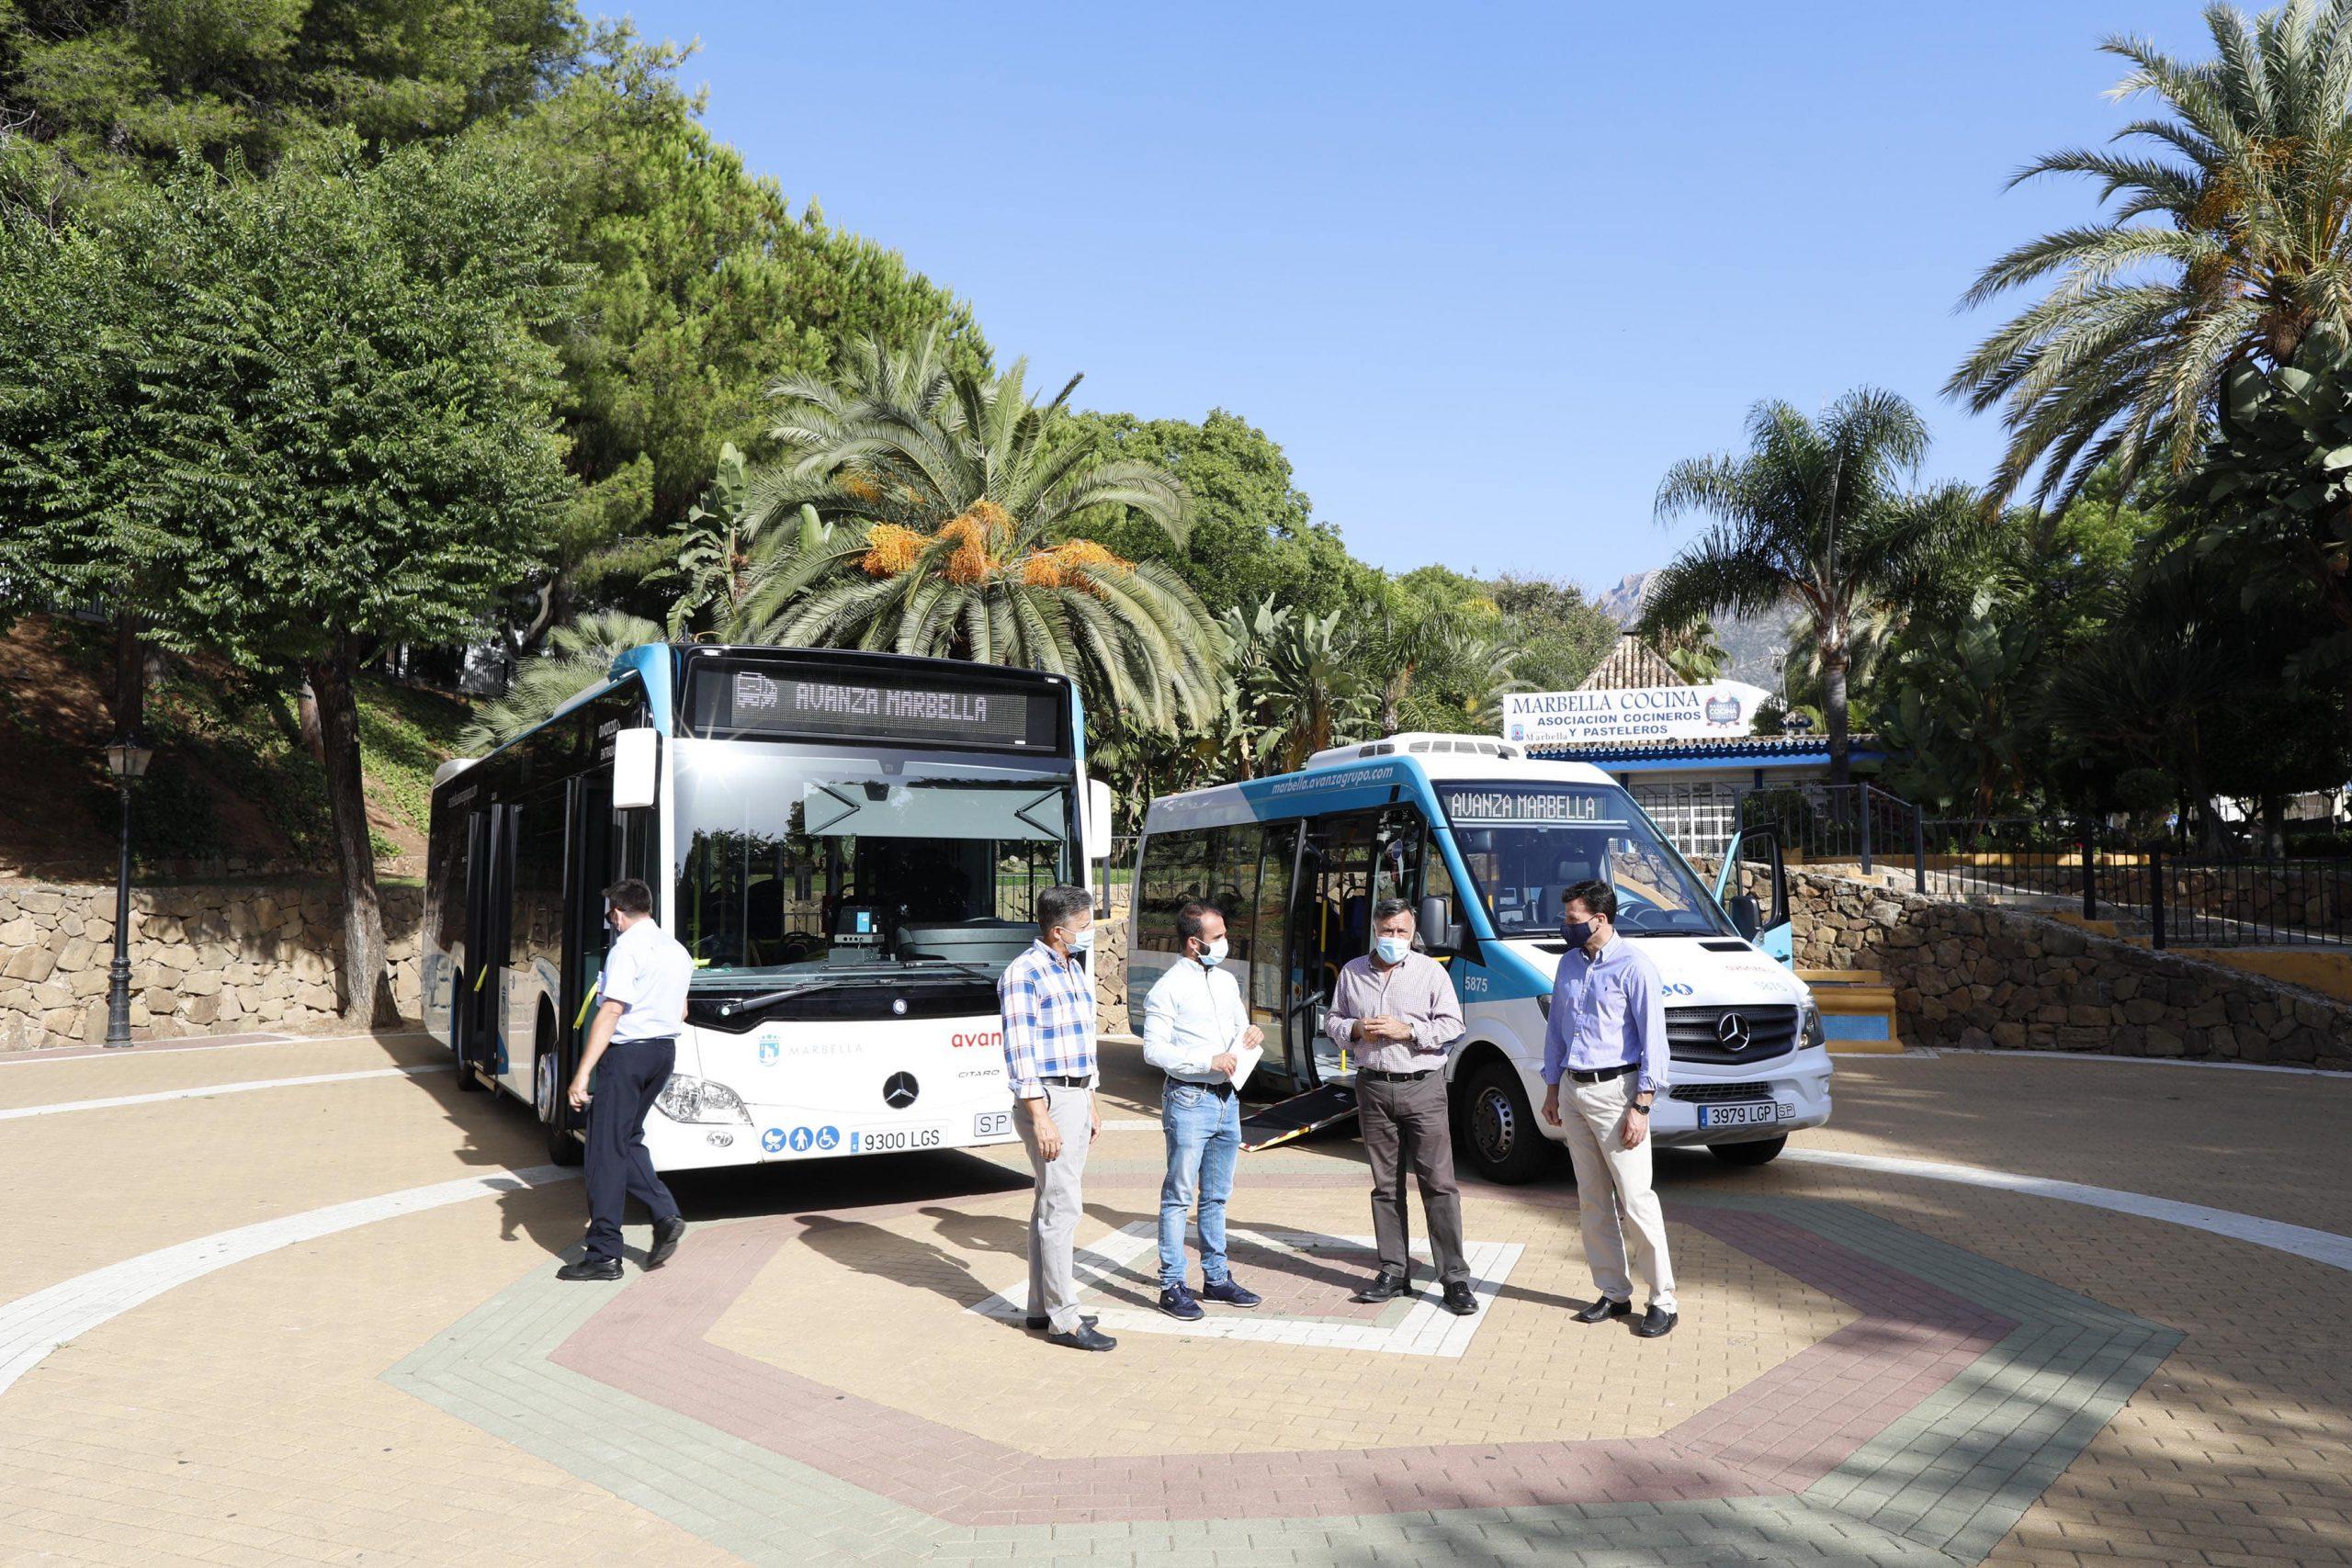 Marbella incorpora dos nuevos autobuses a la flota de transporte público